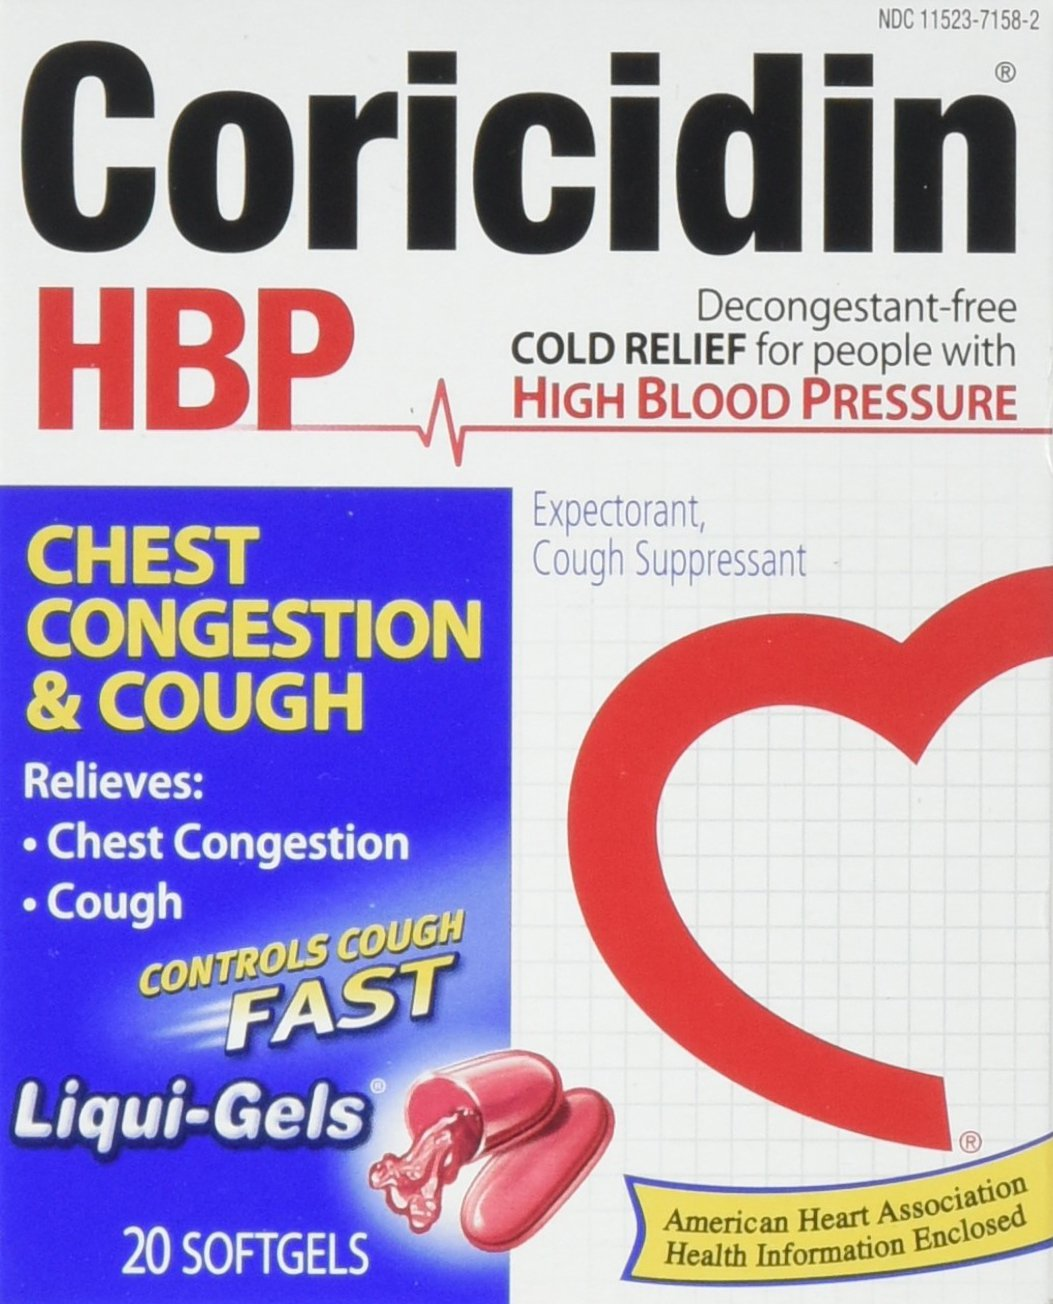 Coricidin Hbp Chest Congestion & Cough Liqui-Gels, 20 Count (Pack of 36)